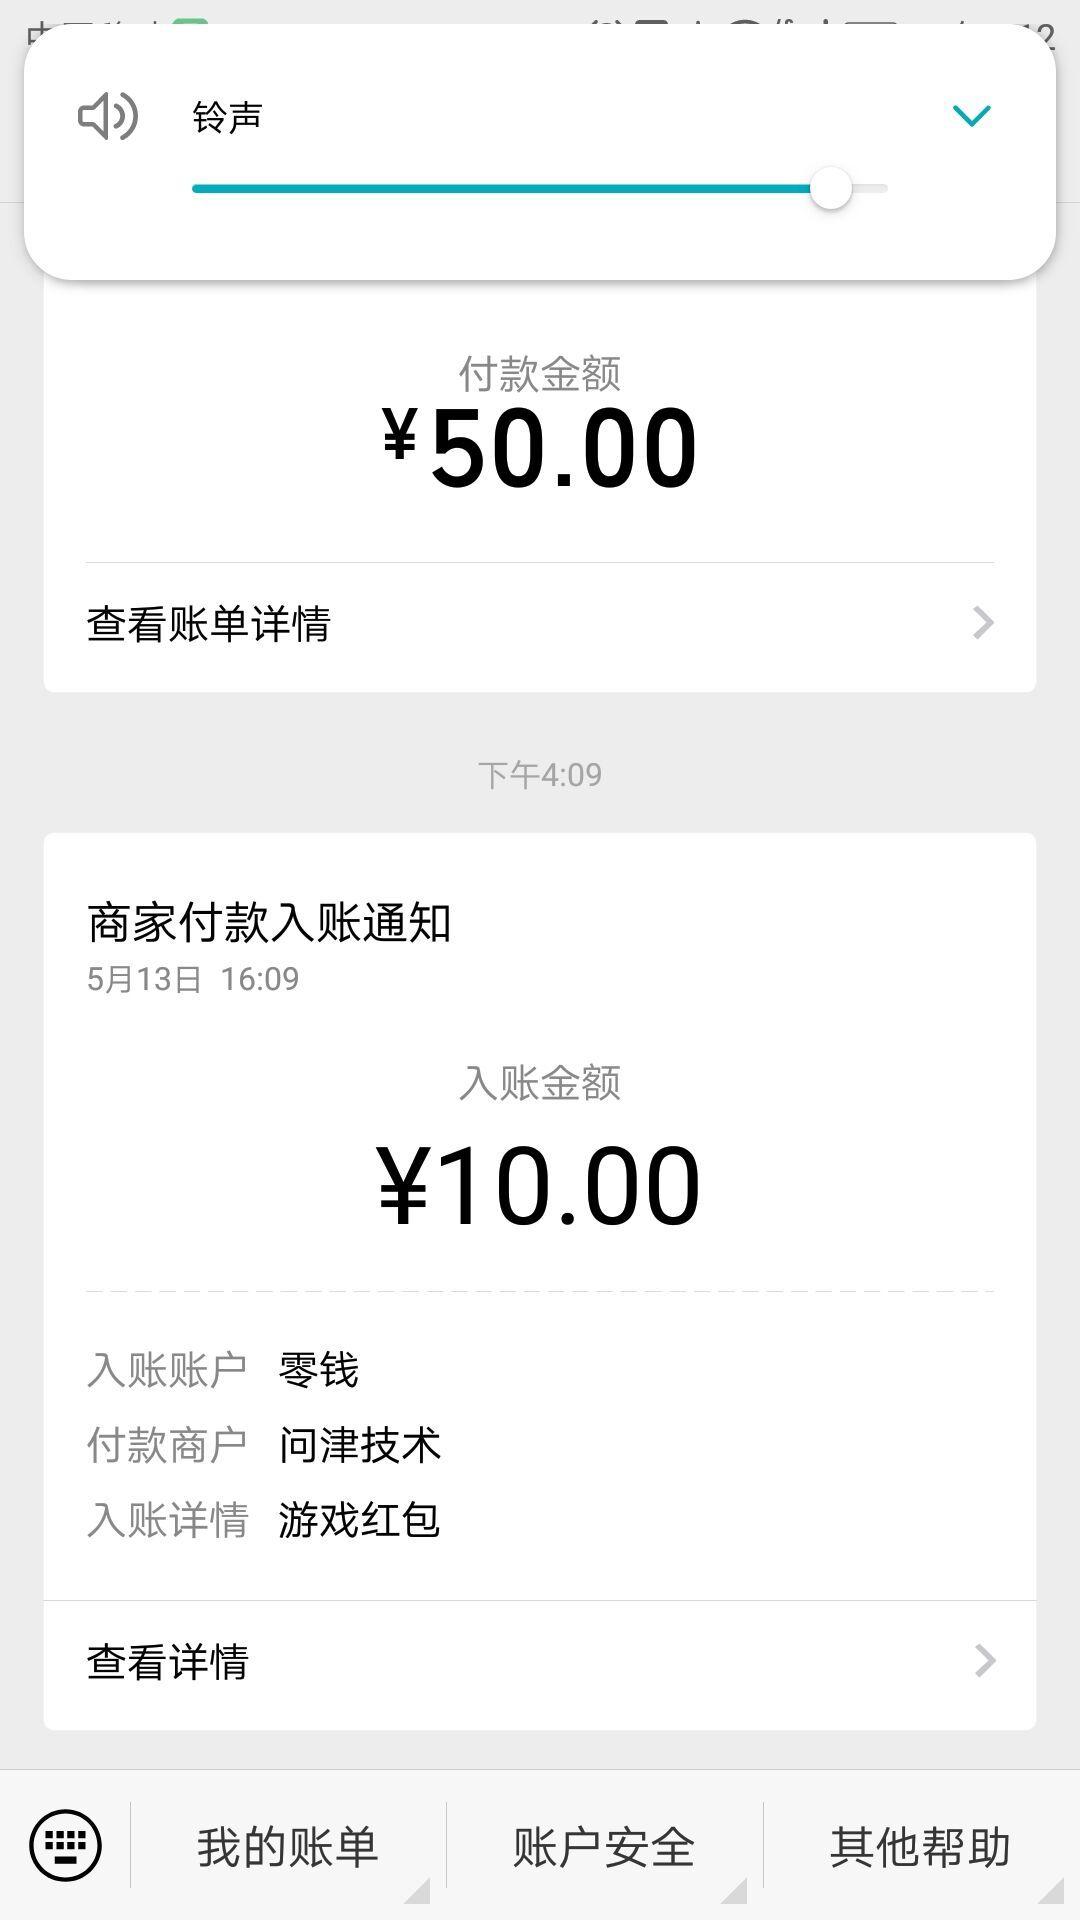 【现金红包】一起拼拼乐撸最高14元微信红包-www.im86.com